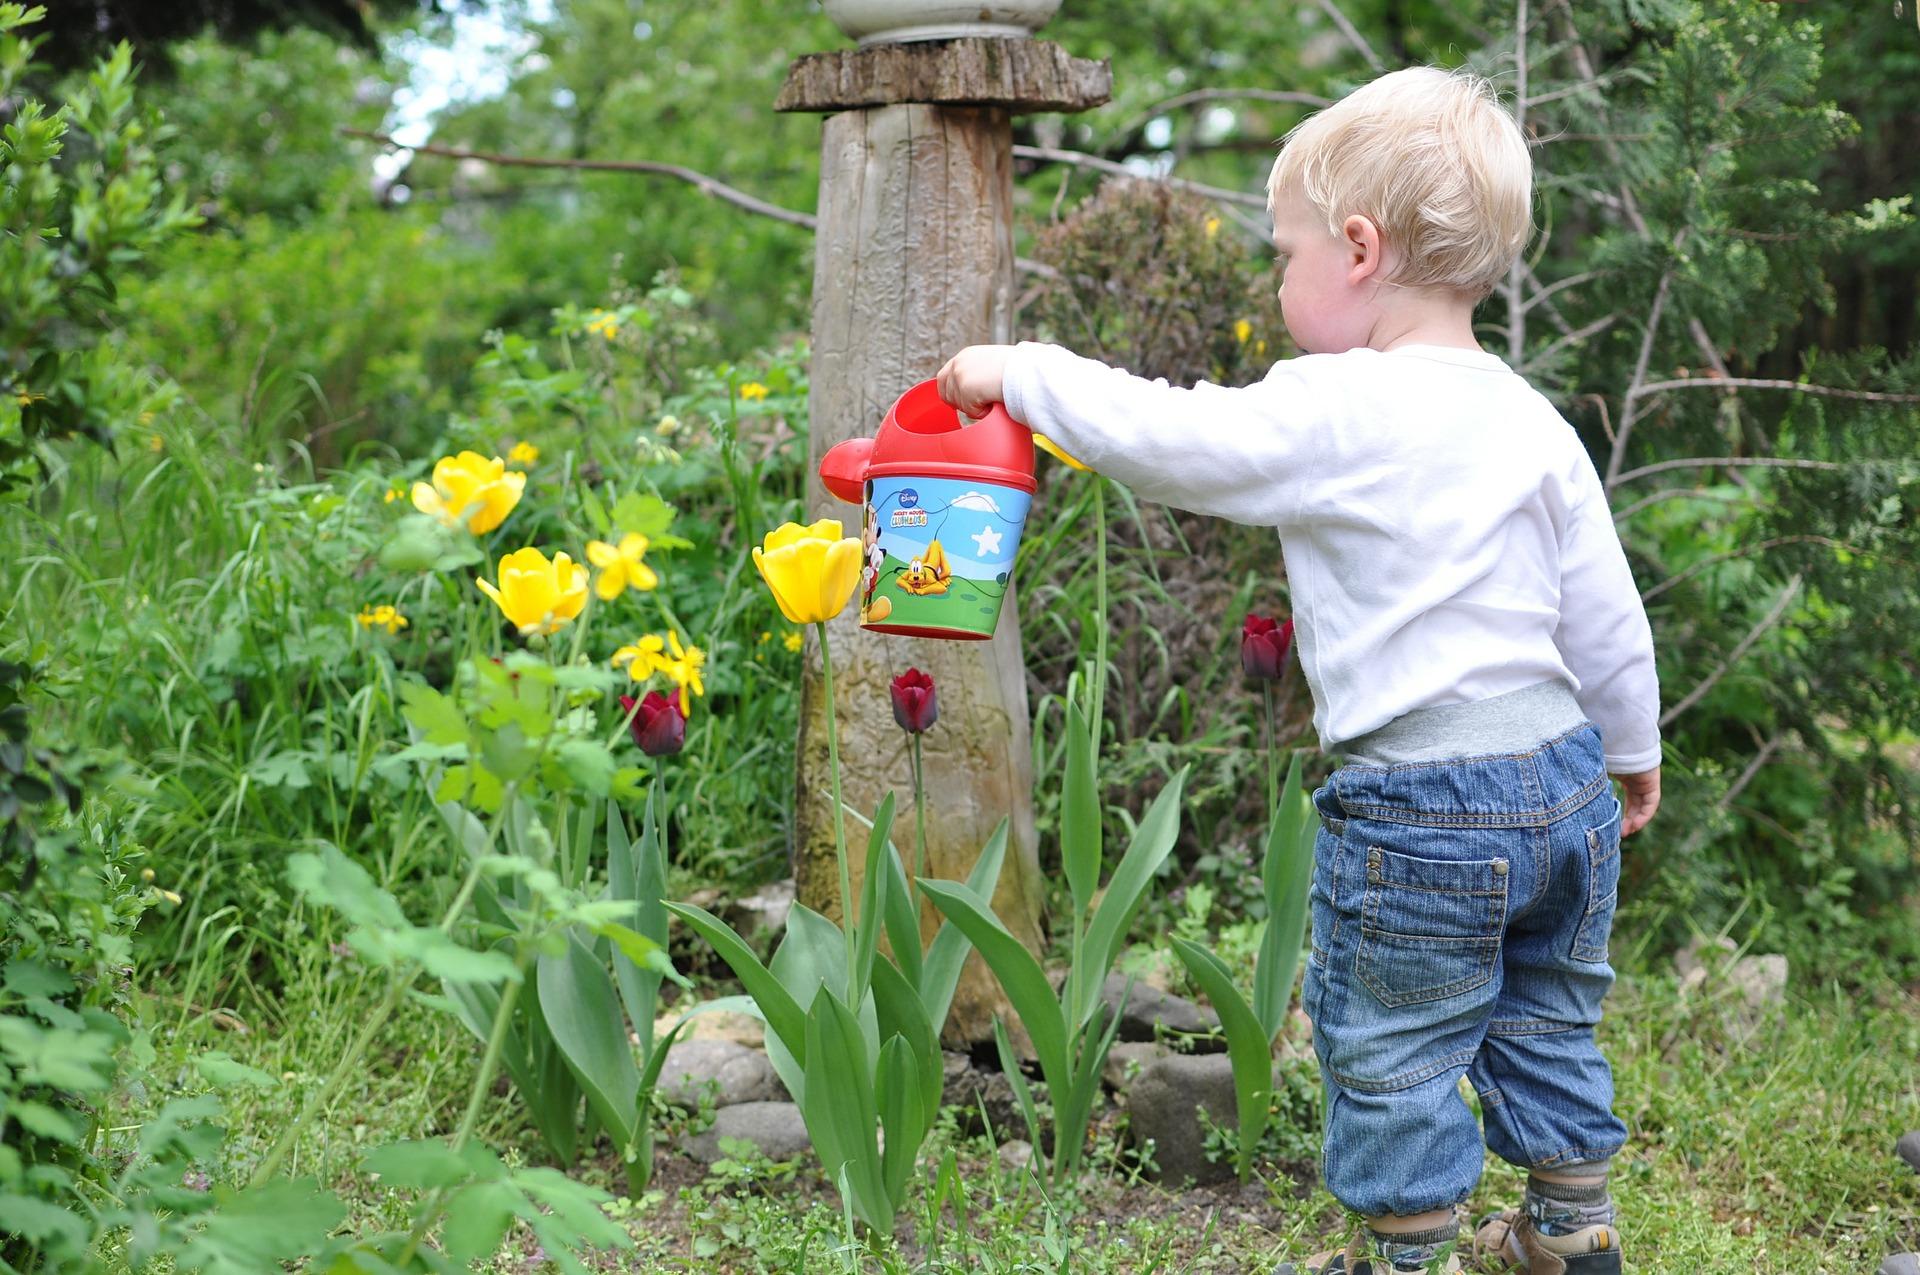 Mt. Waddington Literacy News: April 23, 2021